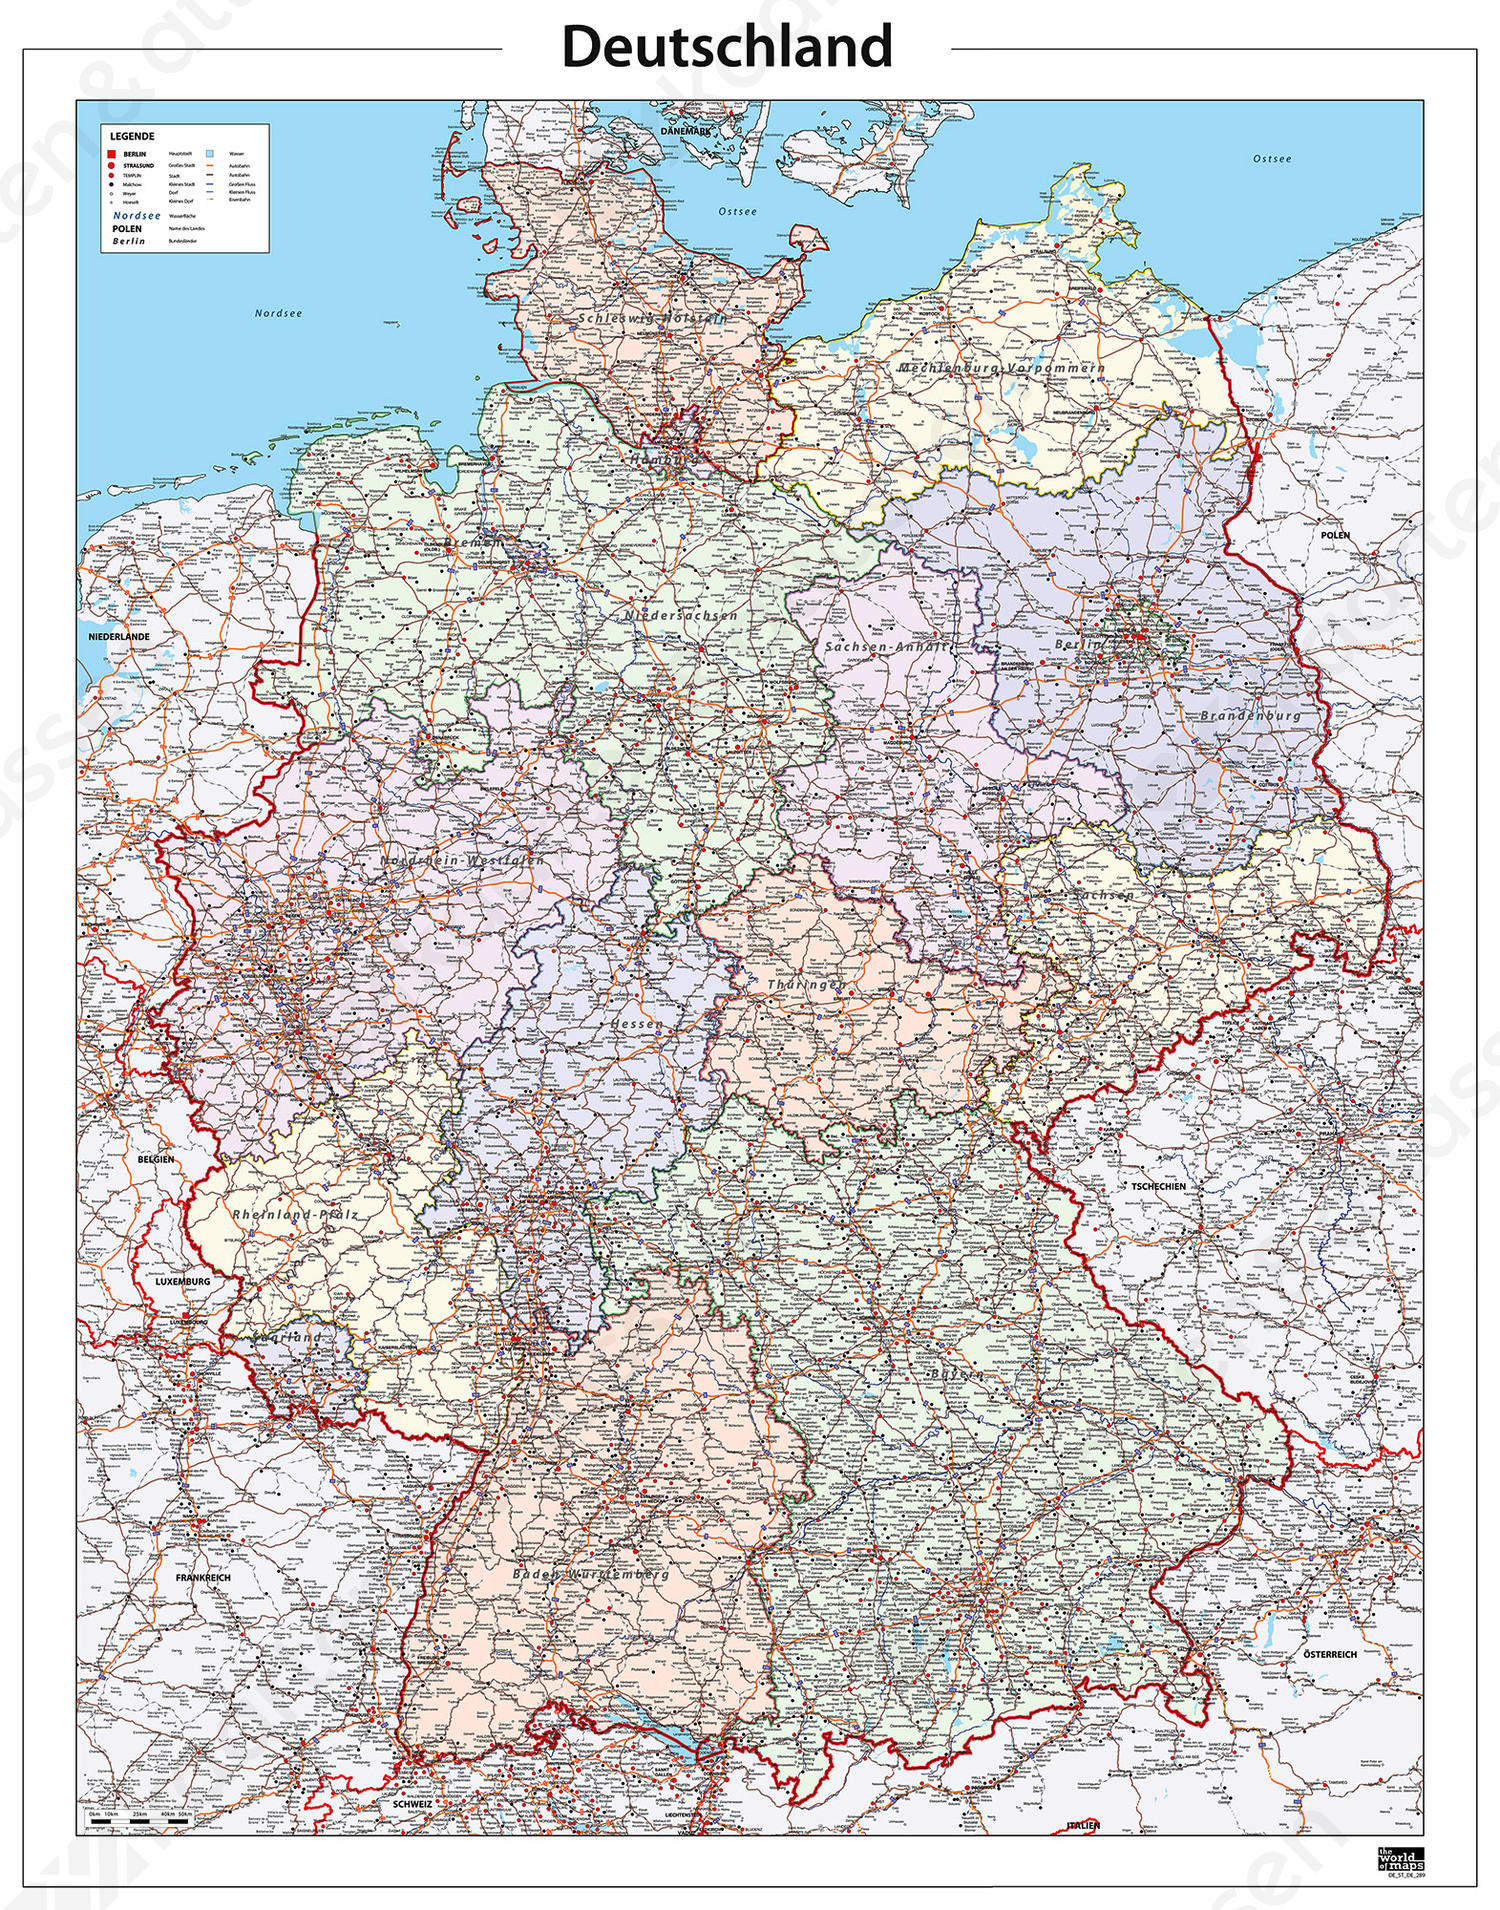 gedetailleerde kaart Kaart Duitsland zeer gedetailleerd 289 | Kaarten en Atlassen.nl